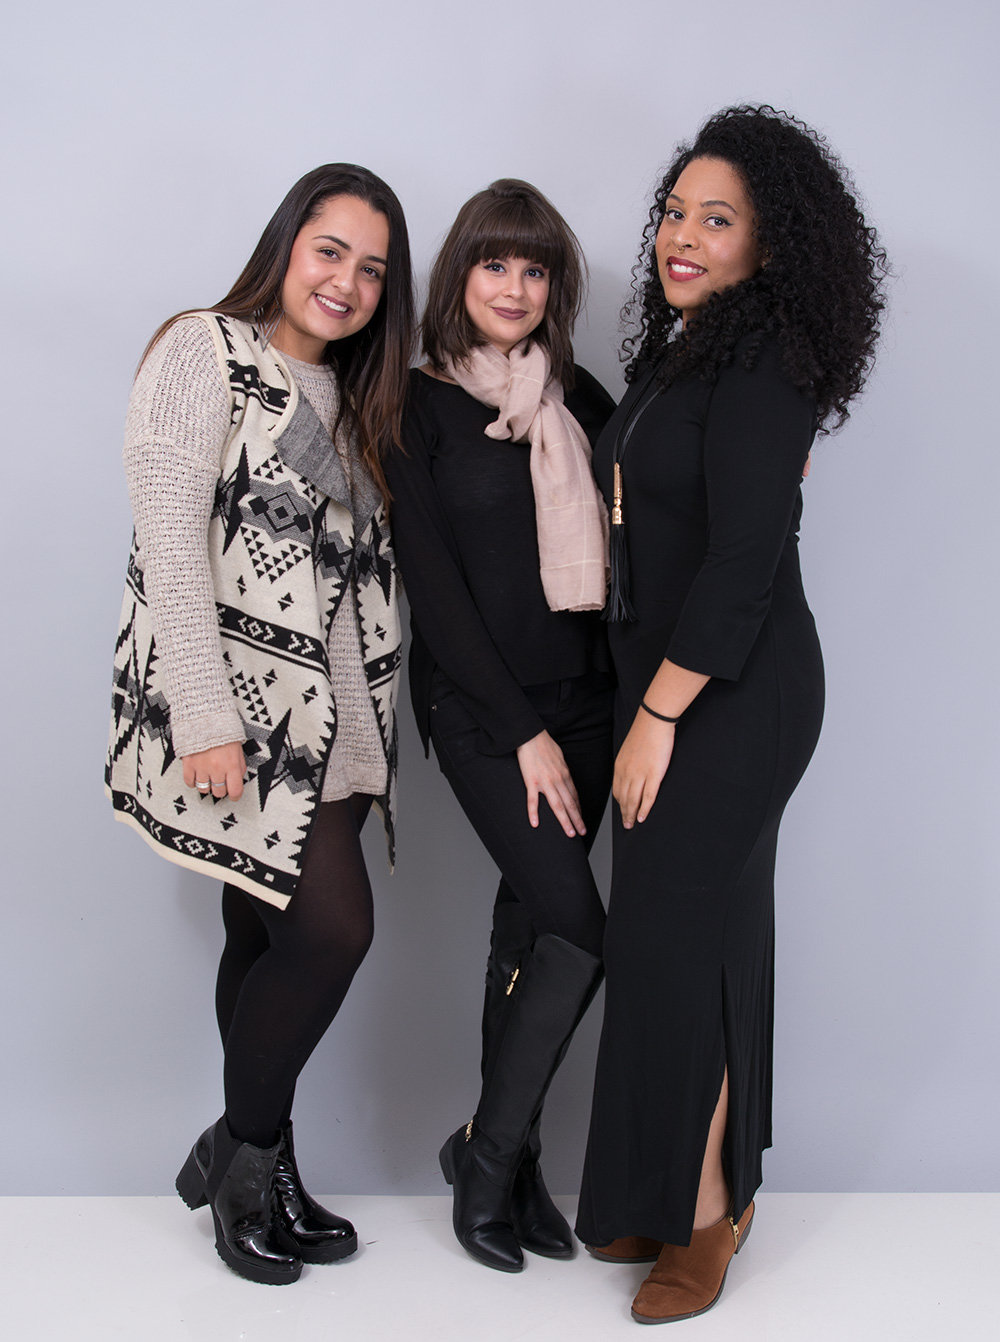 (da esq. para a dir.) Fernanda Palos, Natália Figueiredo e Alyne Souza